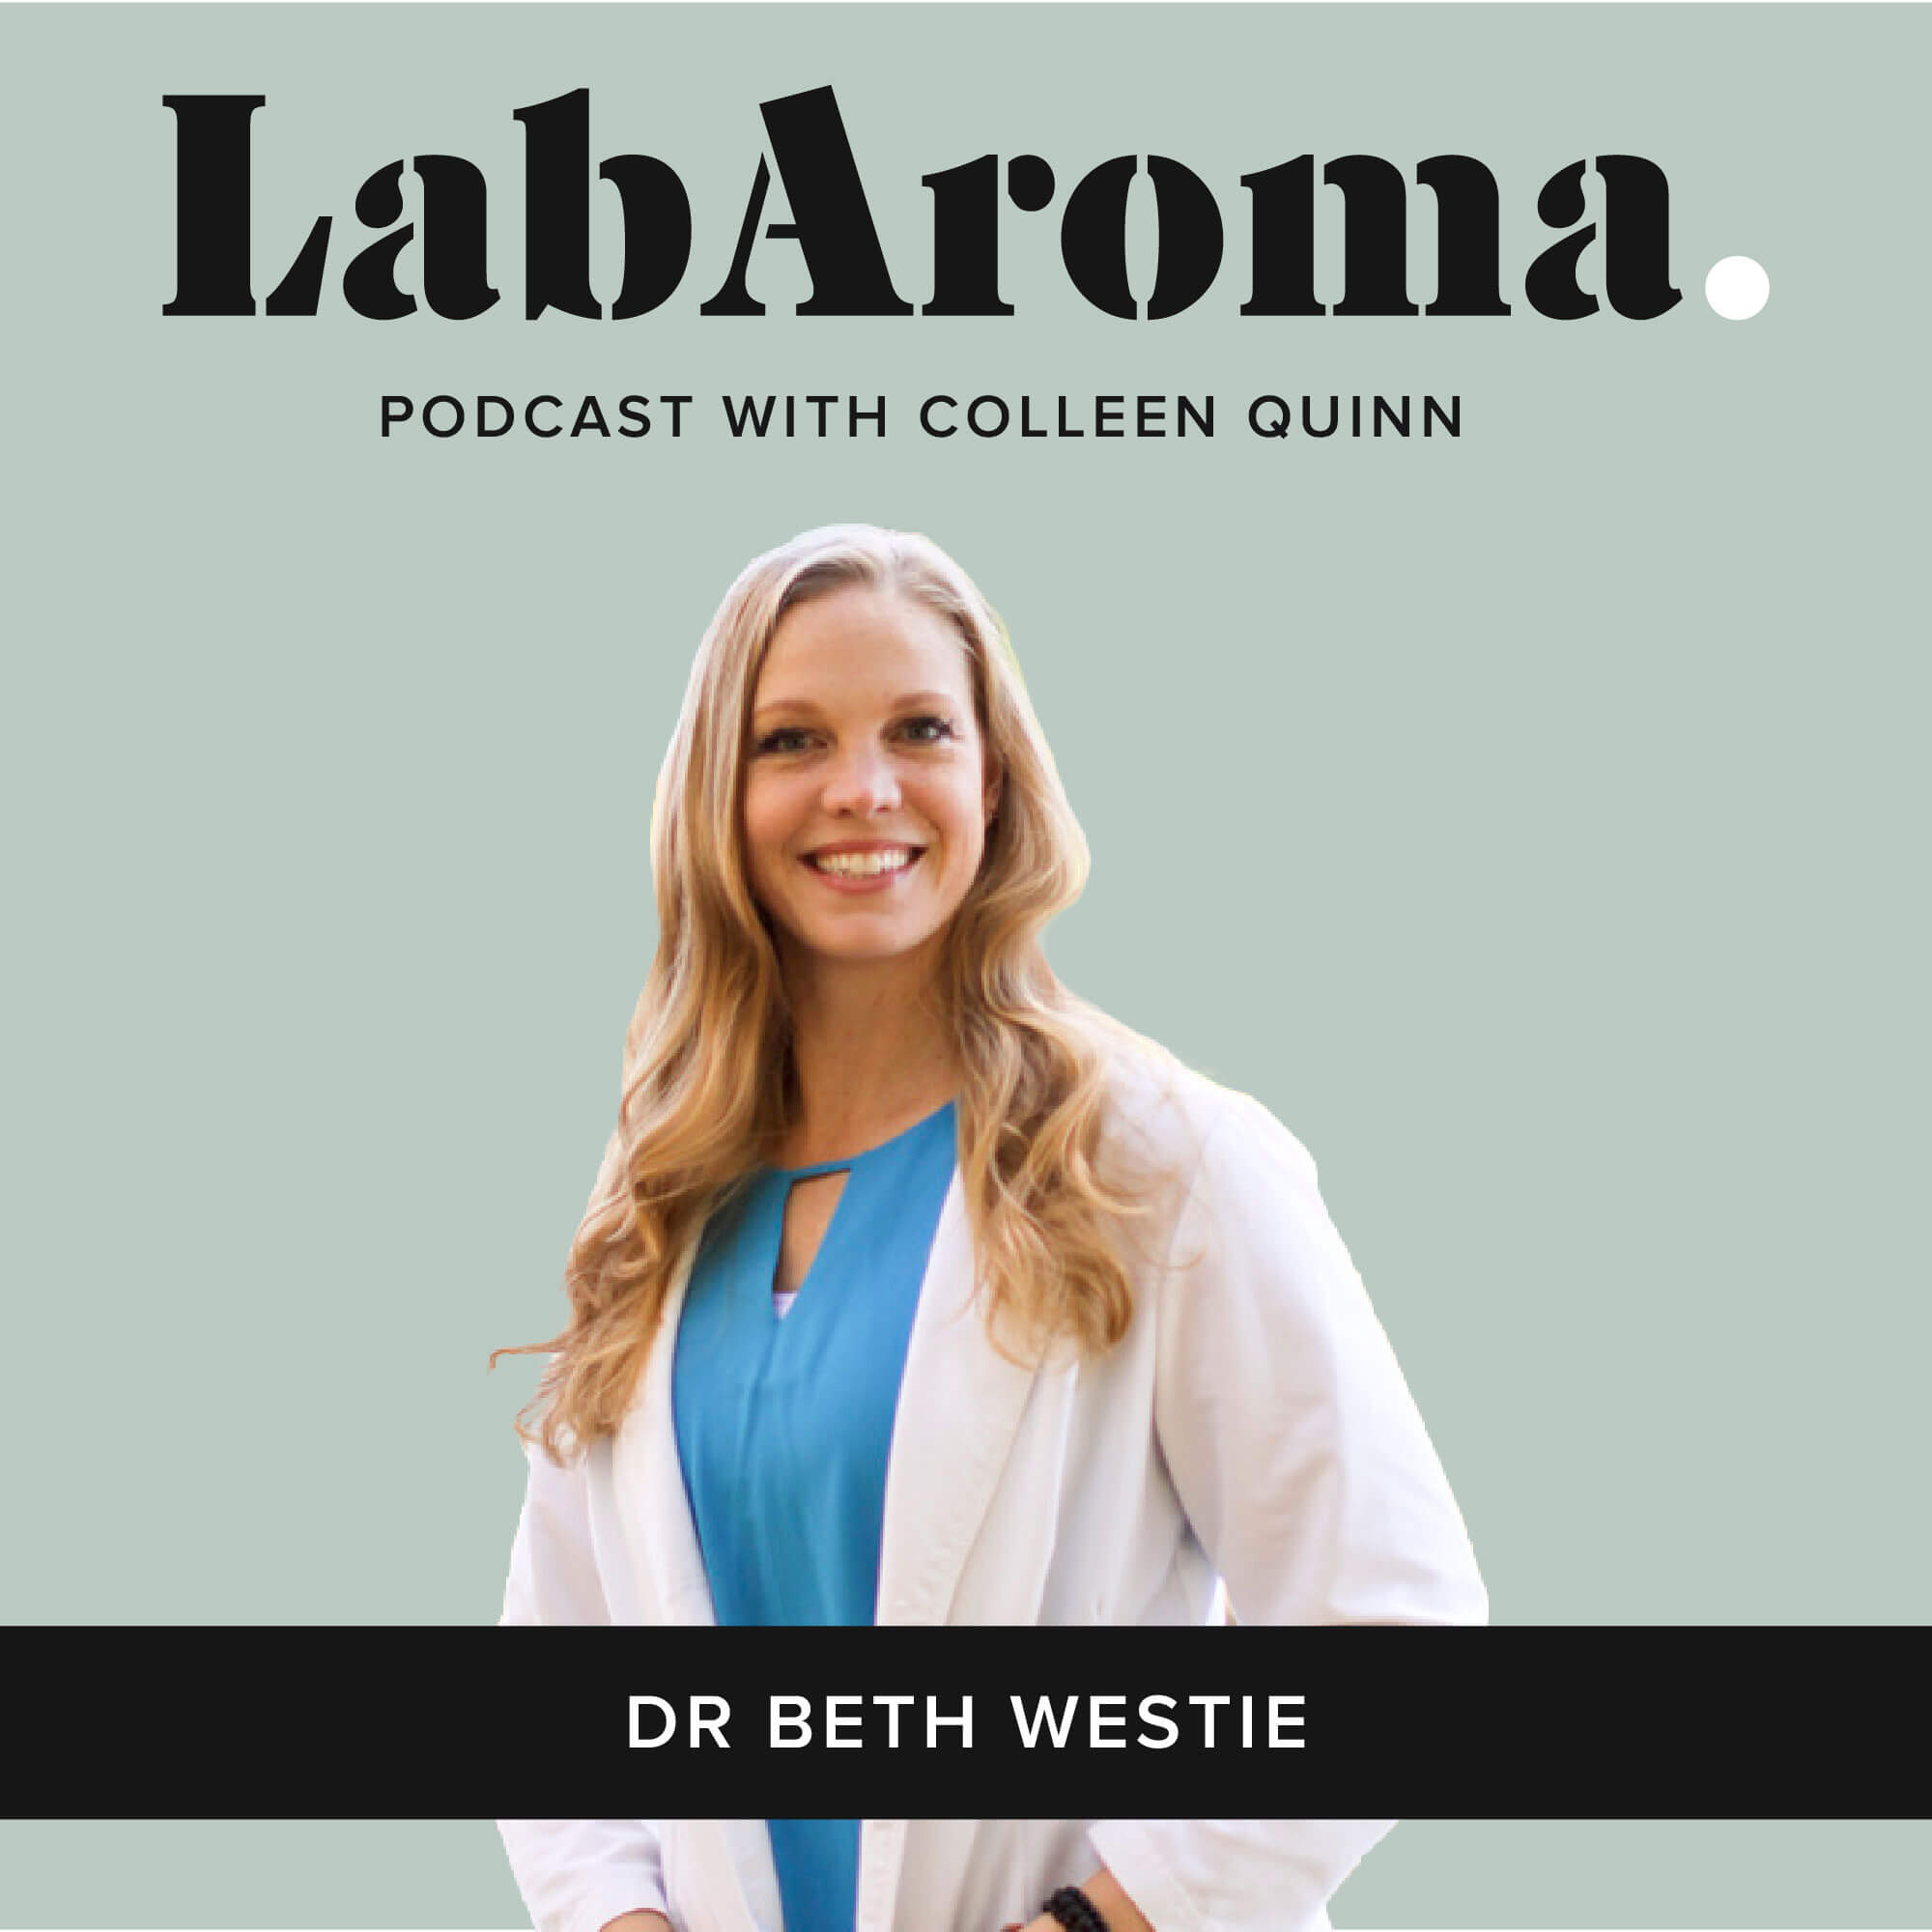 Dr Beth Westie